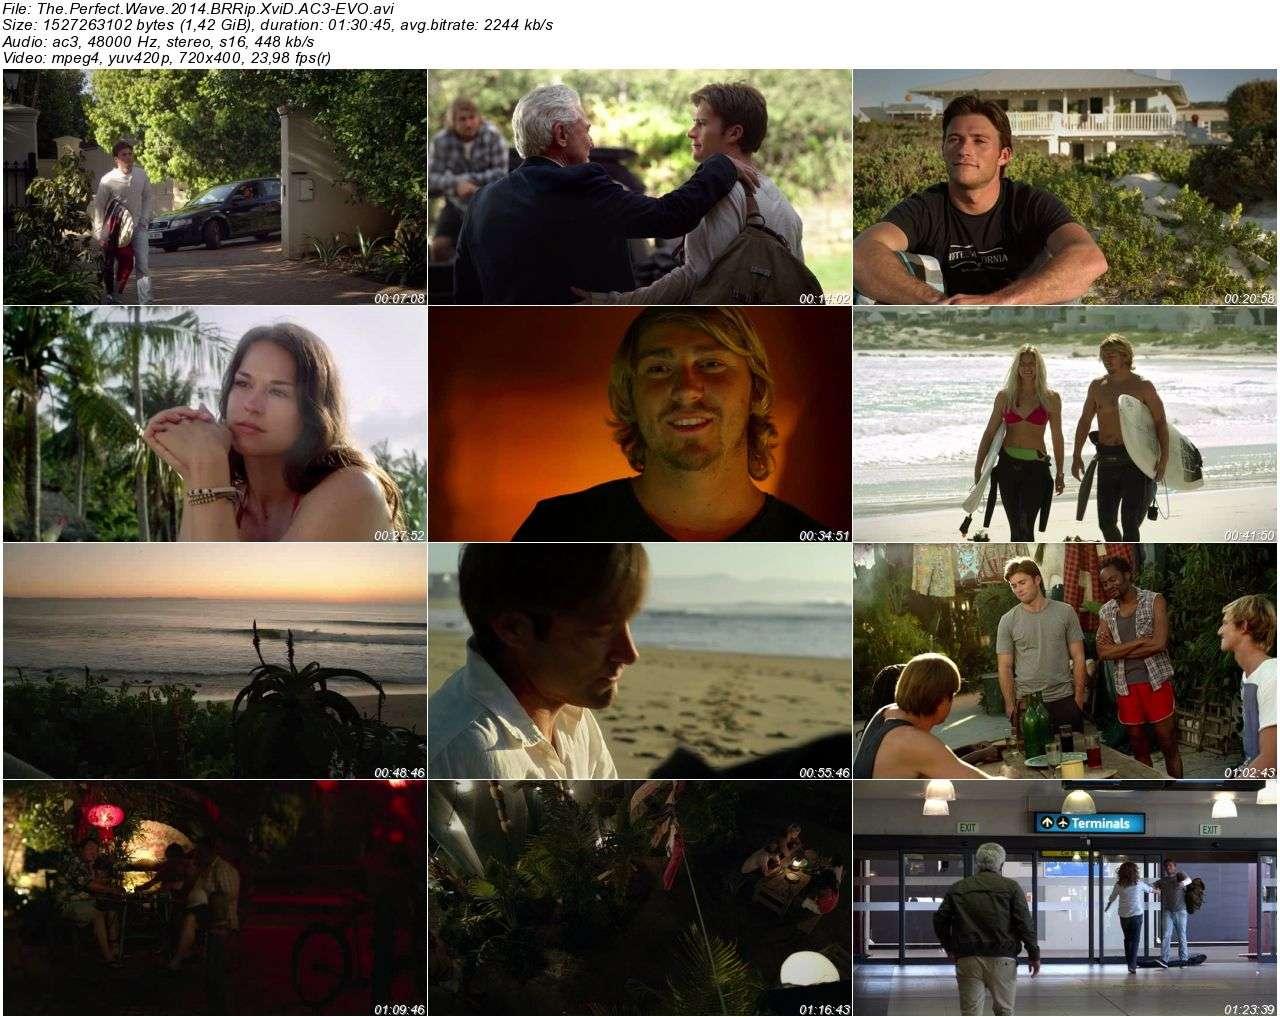 The Perfect Wave - 2014 DVDRip x264 AC3 - Türkçe Altyazılı Tek Link indir